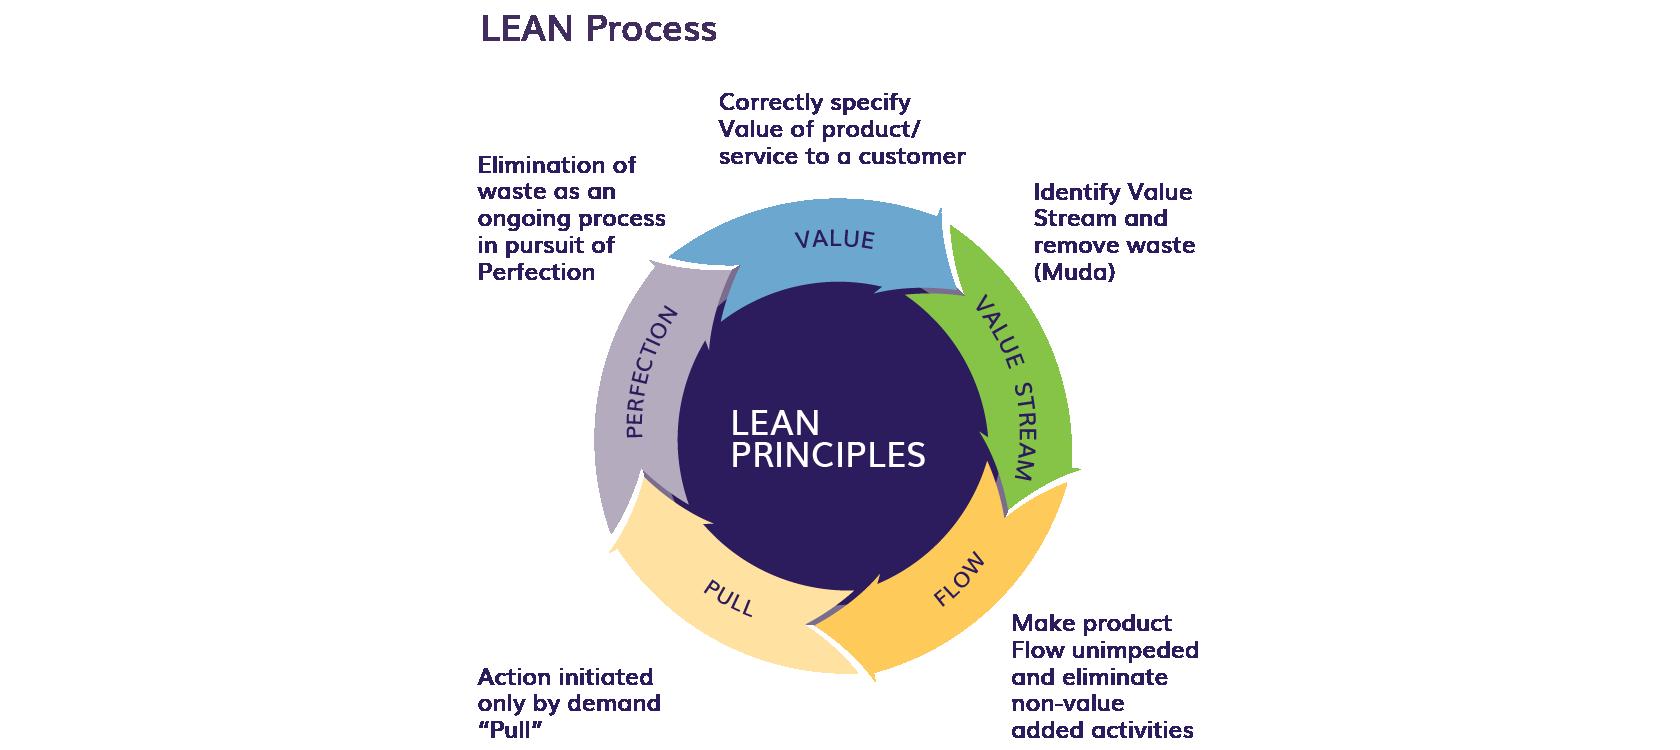 BPI - LEAN Process